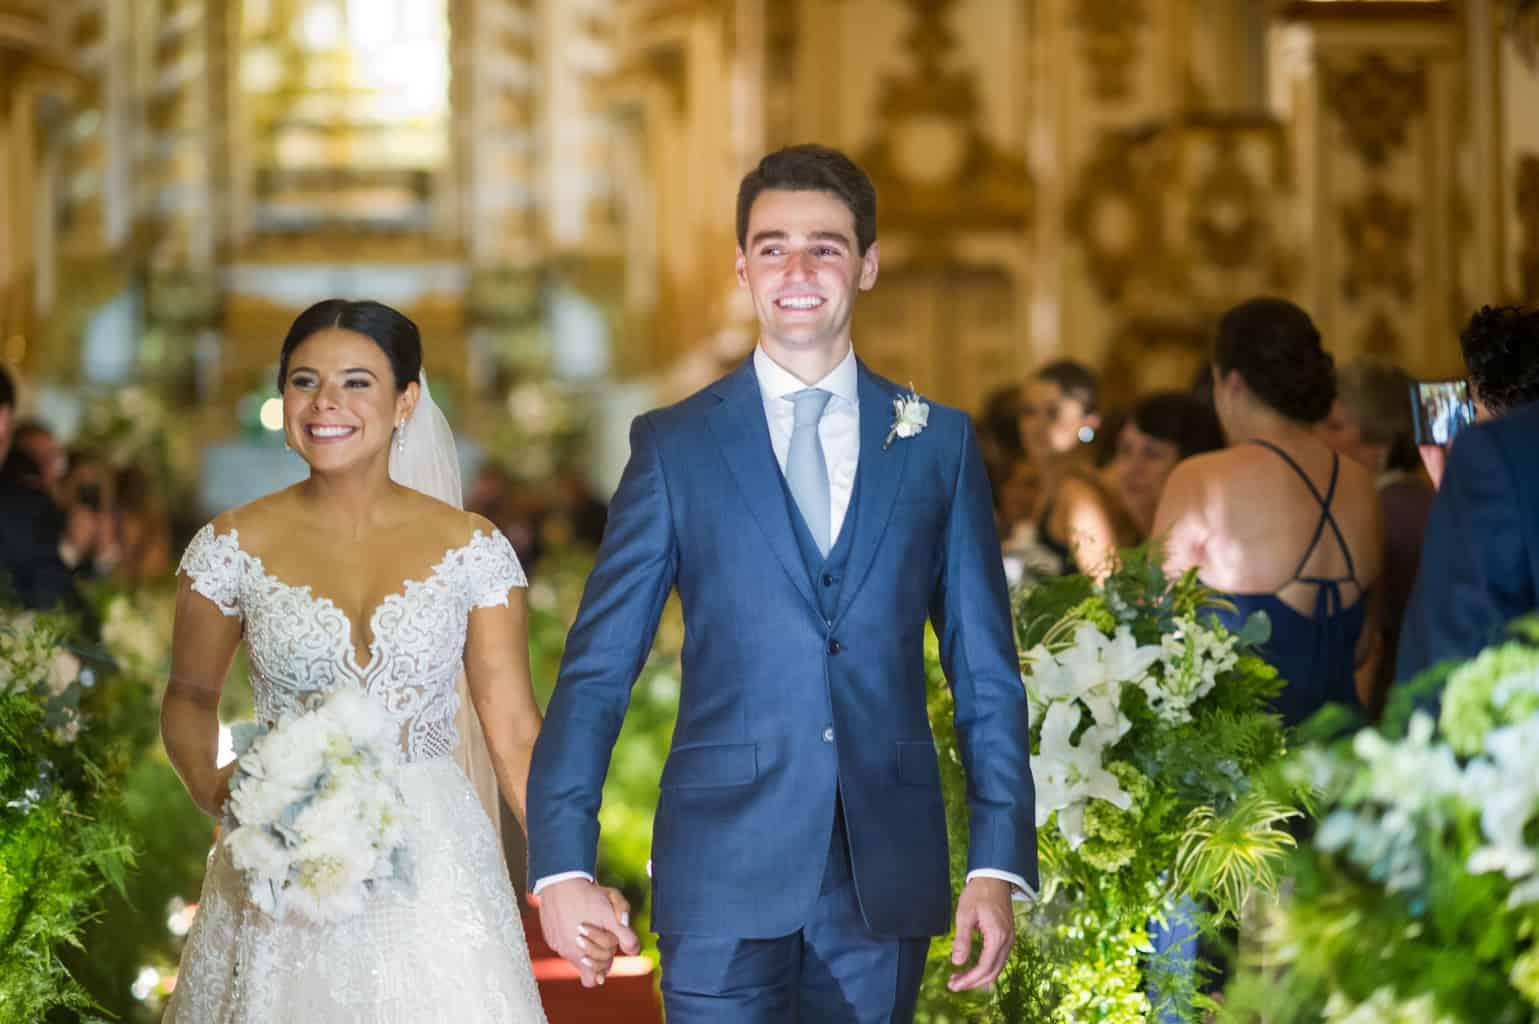 casamenot-Carolina-e-Thiago-casamento-clássico-Rio-de-Janeiro-Fotografia-Marina-Fava24